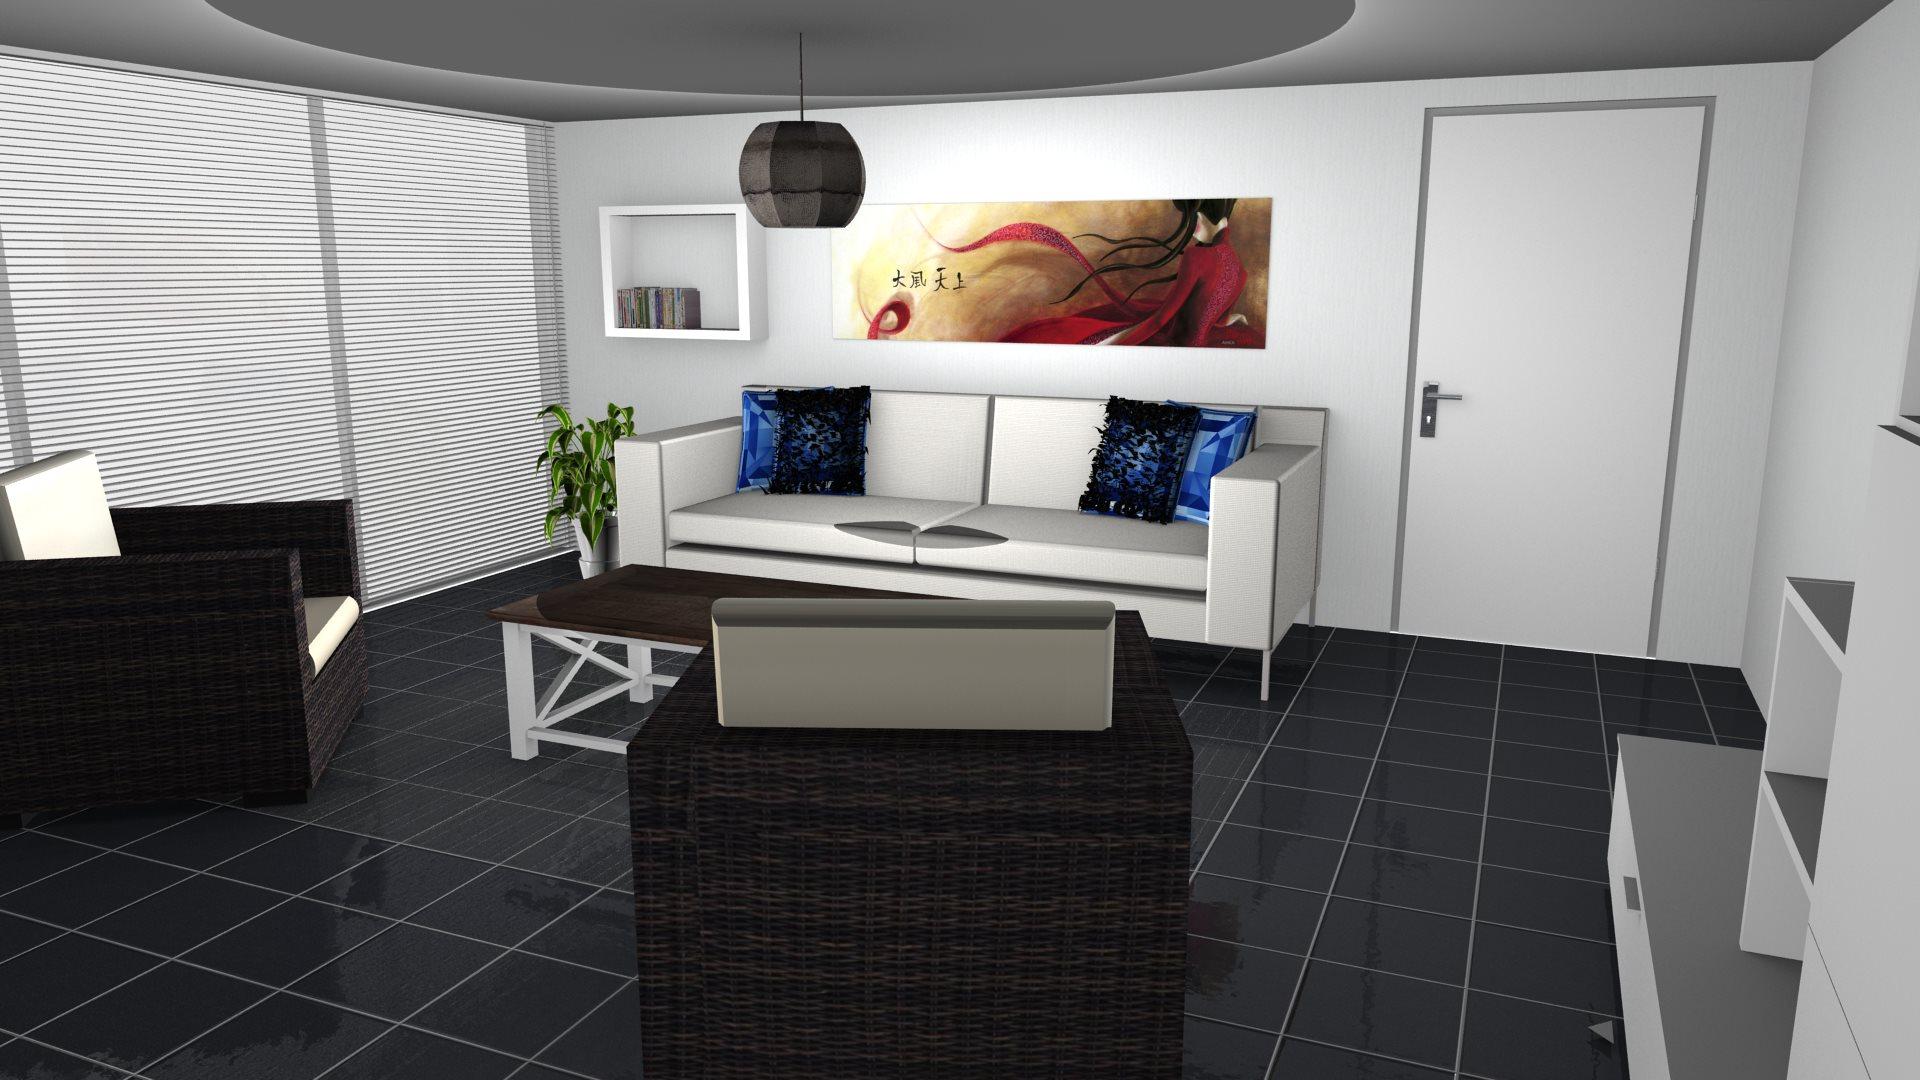 Salon réalisé avec Pcon.planner